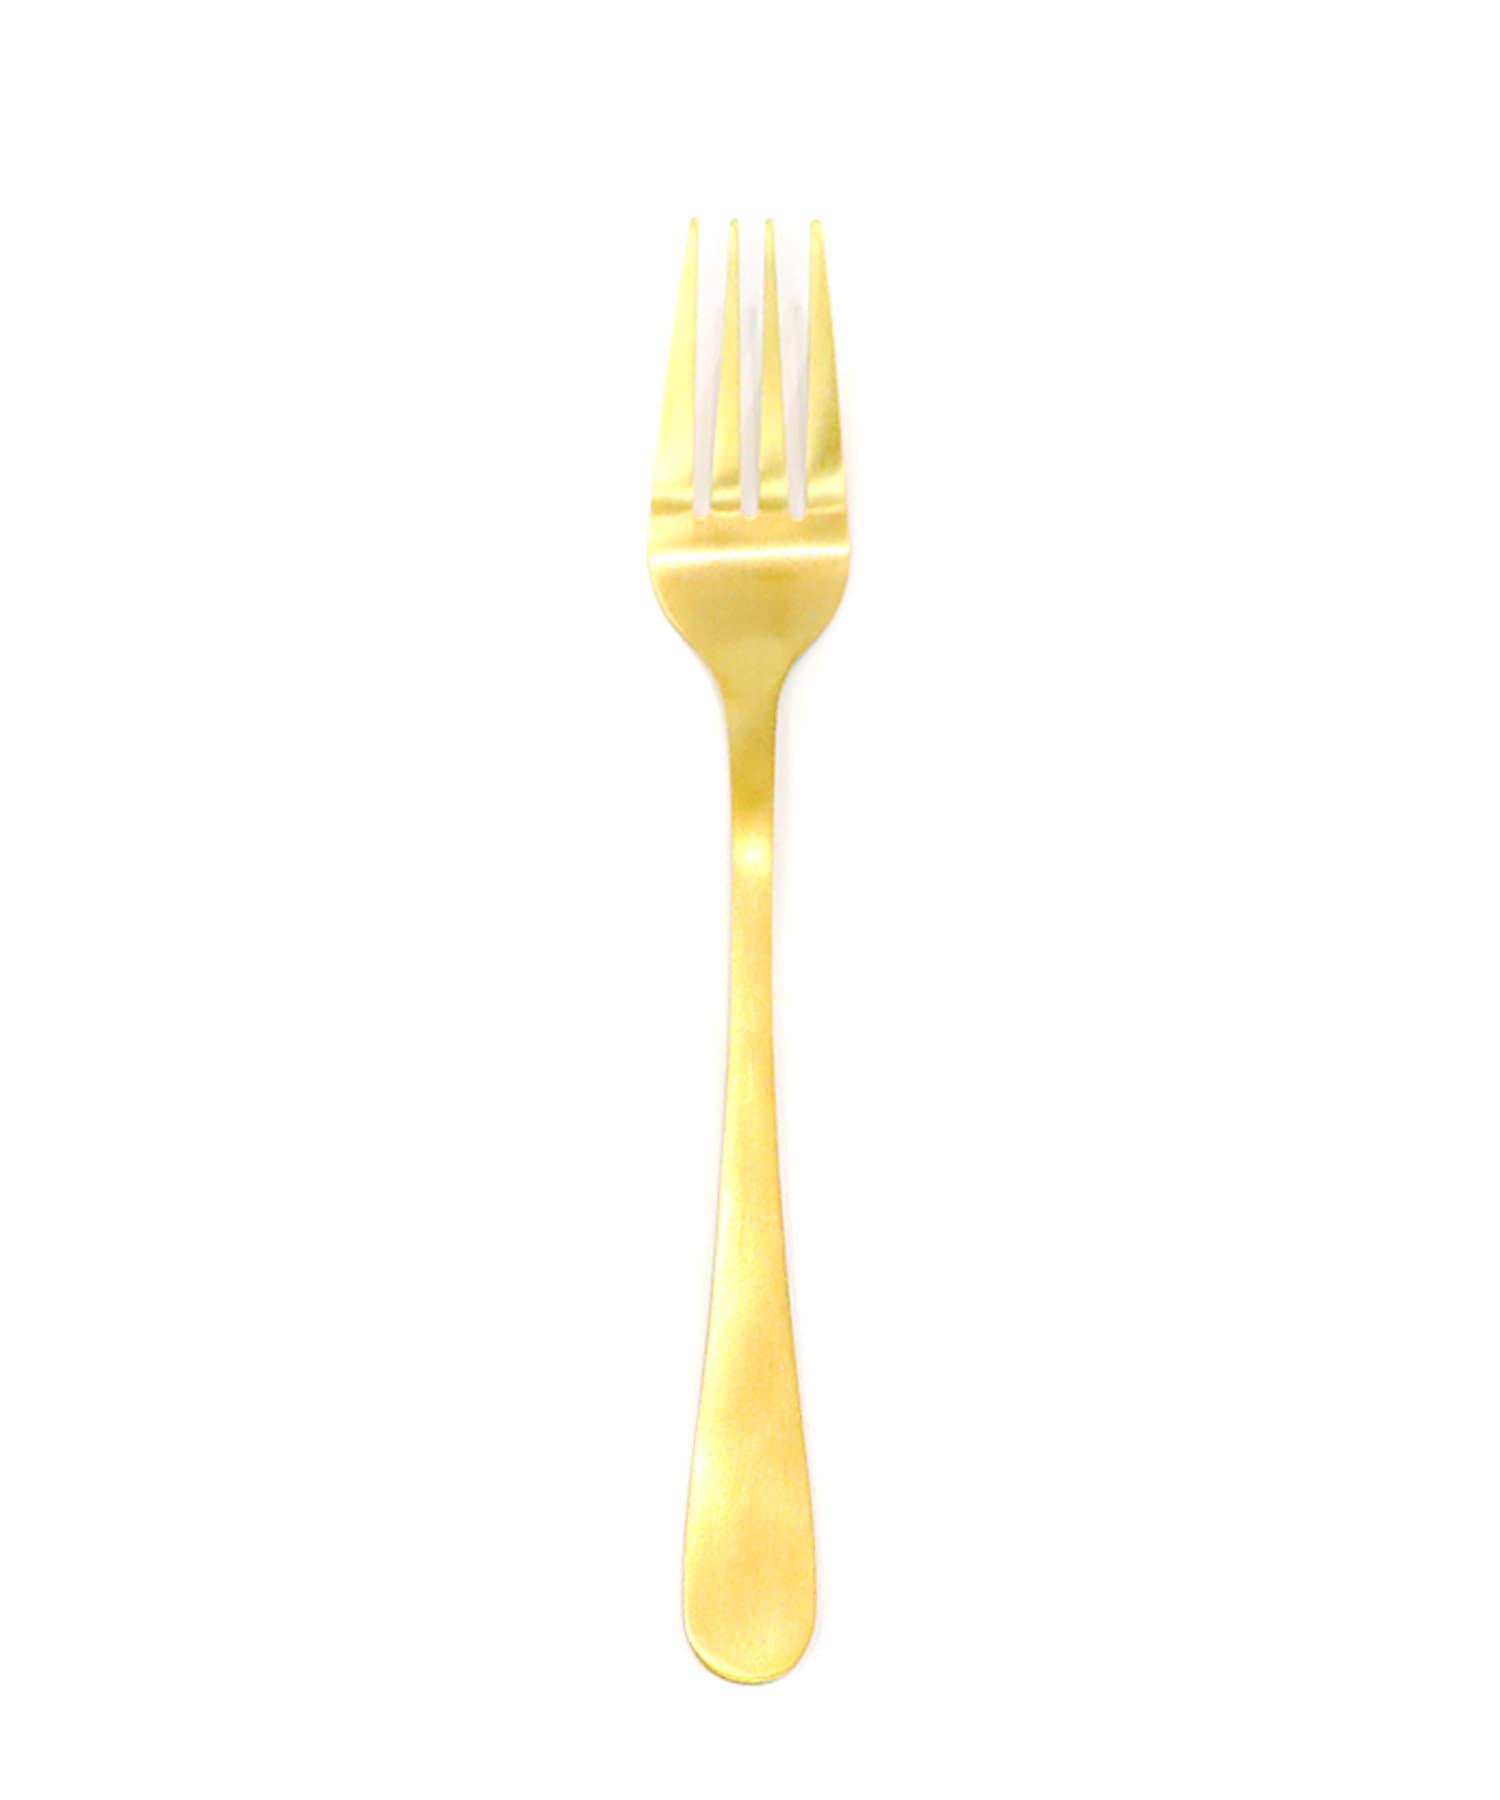 3COINS(スリーコインズ) ライフスタイル カトラリーフォーク【Mサイズ】 ゴールド